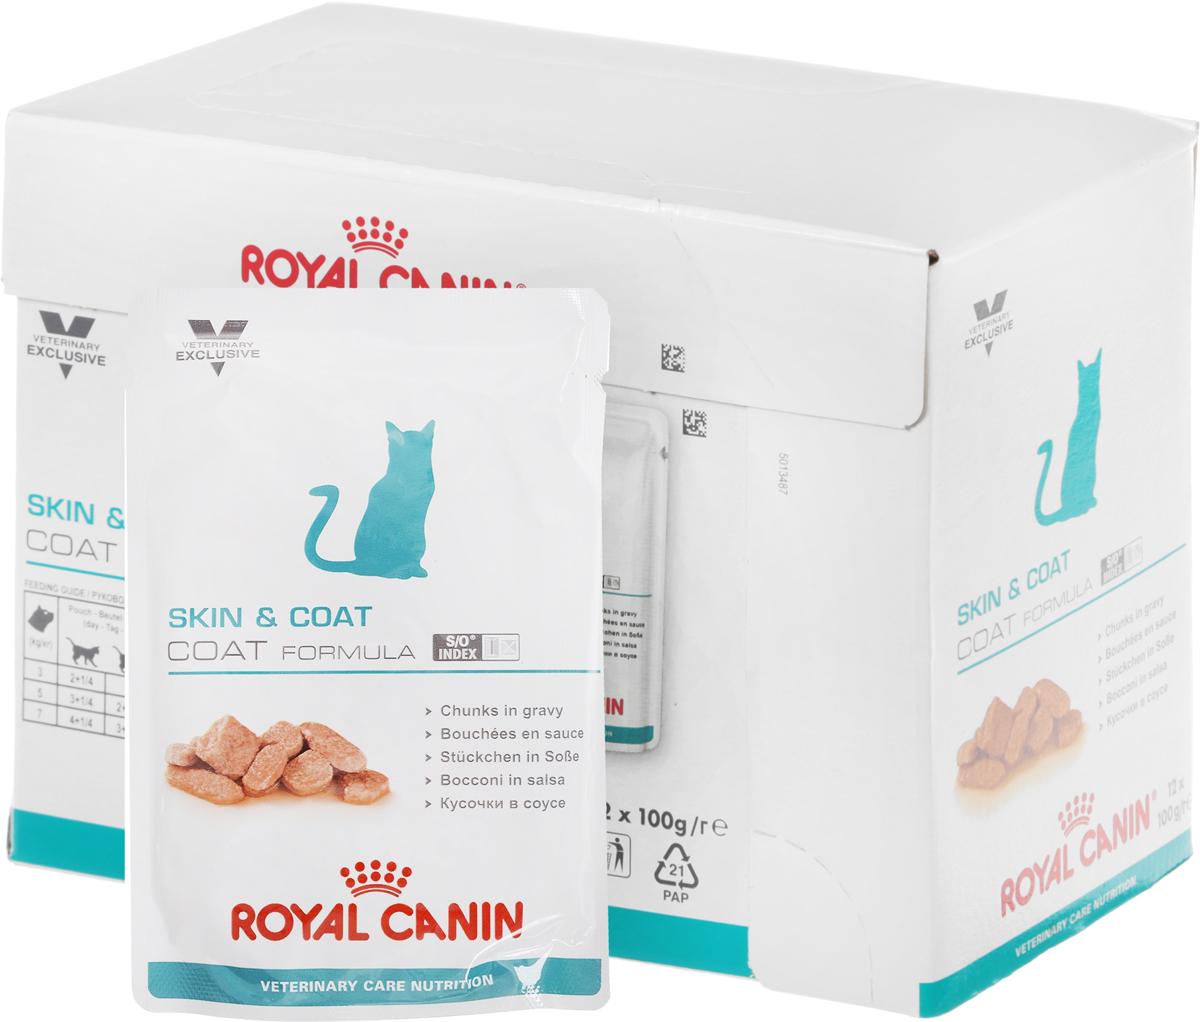 Консервы Royal Canin Skin & Coat для кастрированных котов и стерилизованных кошек с длинной шерстью, 100 г, 12 шт44717Консервы Royal Canin Skin & Coat предназначены для кастрированных/стерилизованных котов и кошек с повышенной чувствительностью кожи и шерсти. Комплекс, состоящий из ниацина, инозита, холина, гистидина и пантотеновой кислоты, уменьшает потерю жидкости через кожу и усиливает ее барьерную функцию. Содержит важнейшие нутриенты, усиливающие мягкость и блеск шерсти, а также защитную функцию кожи.Знак S/O Index на упаковке означает, что диета предназначена для создания в мочевыделительной системе среды, неблагоприятной для образования струвитных кристаллов и кристаллов оксалата кальция. Состав: мясо и мясные субпродукты, рыба и рыбные субпродукты, злаки, субпродукты растительного происхождения, экстракты белков растительного происхождения, минеральные вещества, дрожжи, источники углеводов.Питательные добавки (на 1 кг): витамин D3: 275 МЕ, железо: 10 мг, цинк: 31 мг. Содержание питательных веществ (на 100 г): белки: 10 г, жиры: 4 г, минеральные вещества: 1,5 г, клетчатка пищевая: 1,5 г, влажность: 79%. Товар сертифицирован.